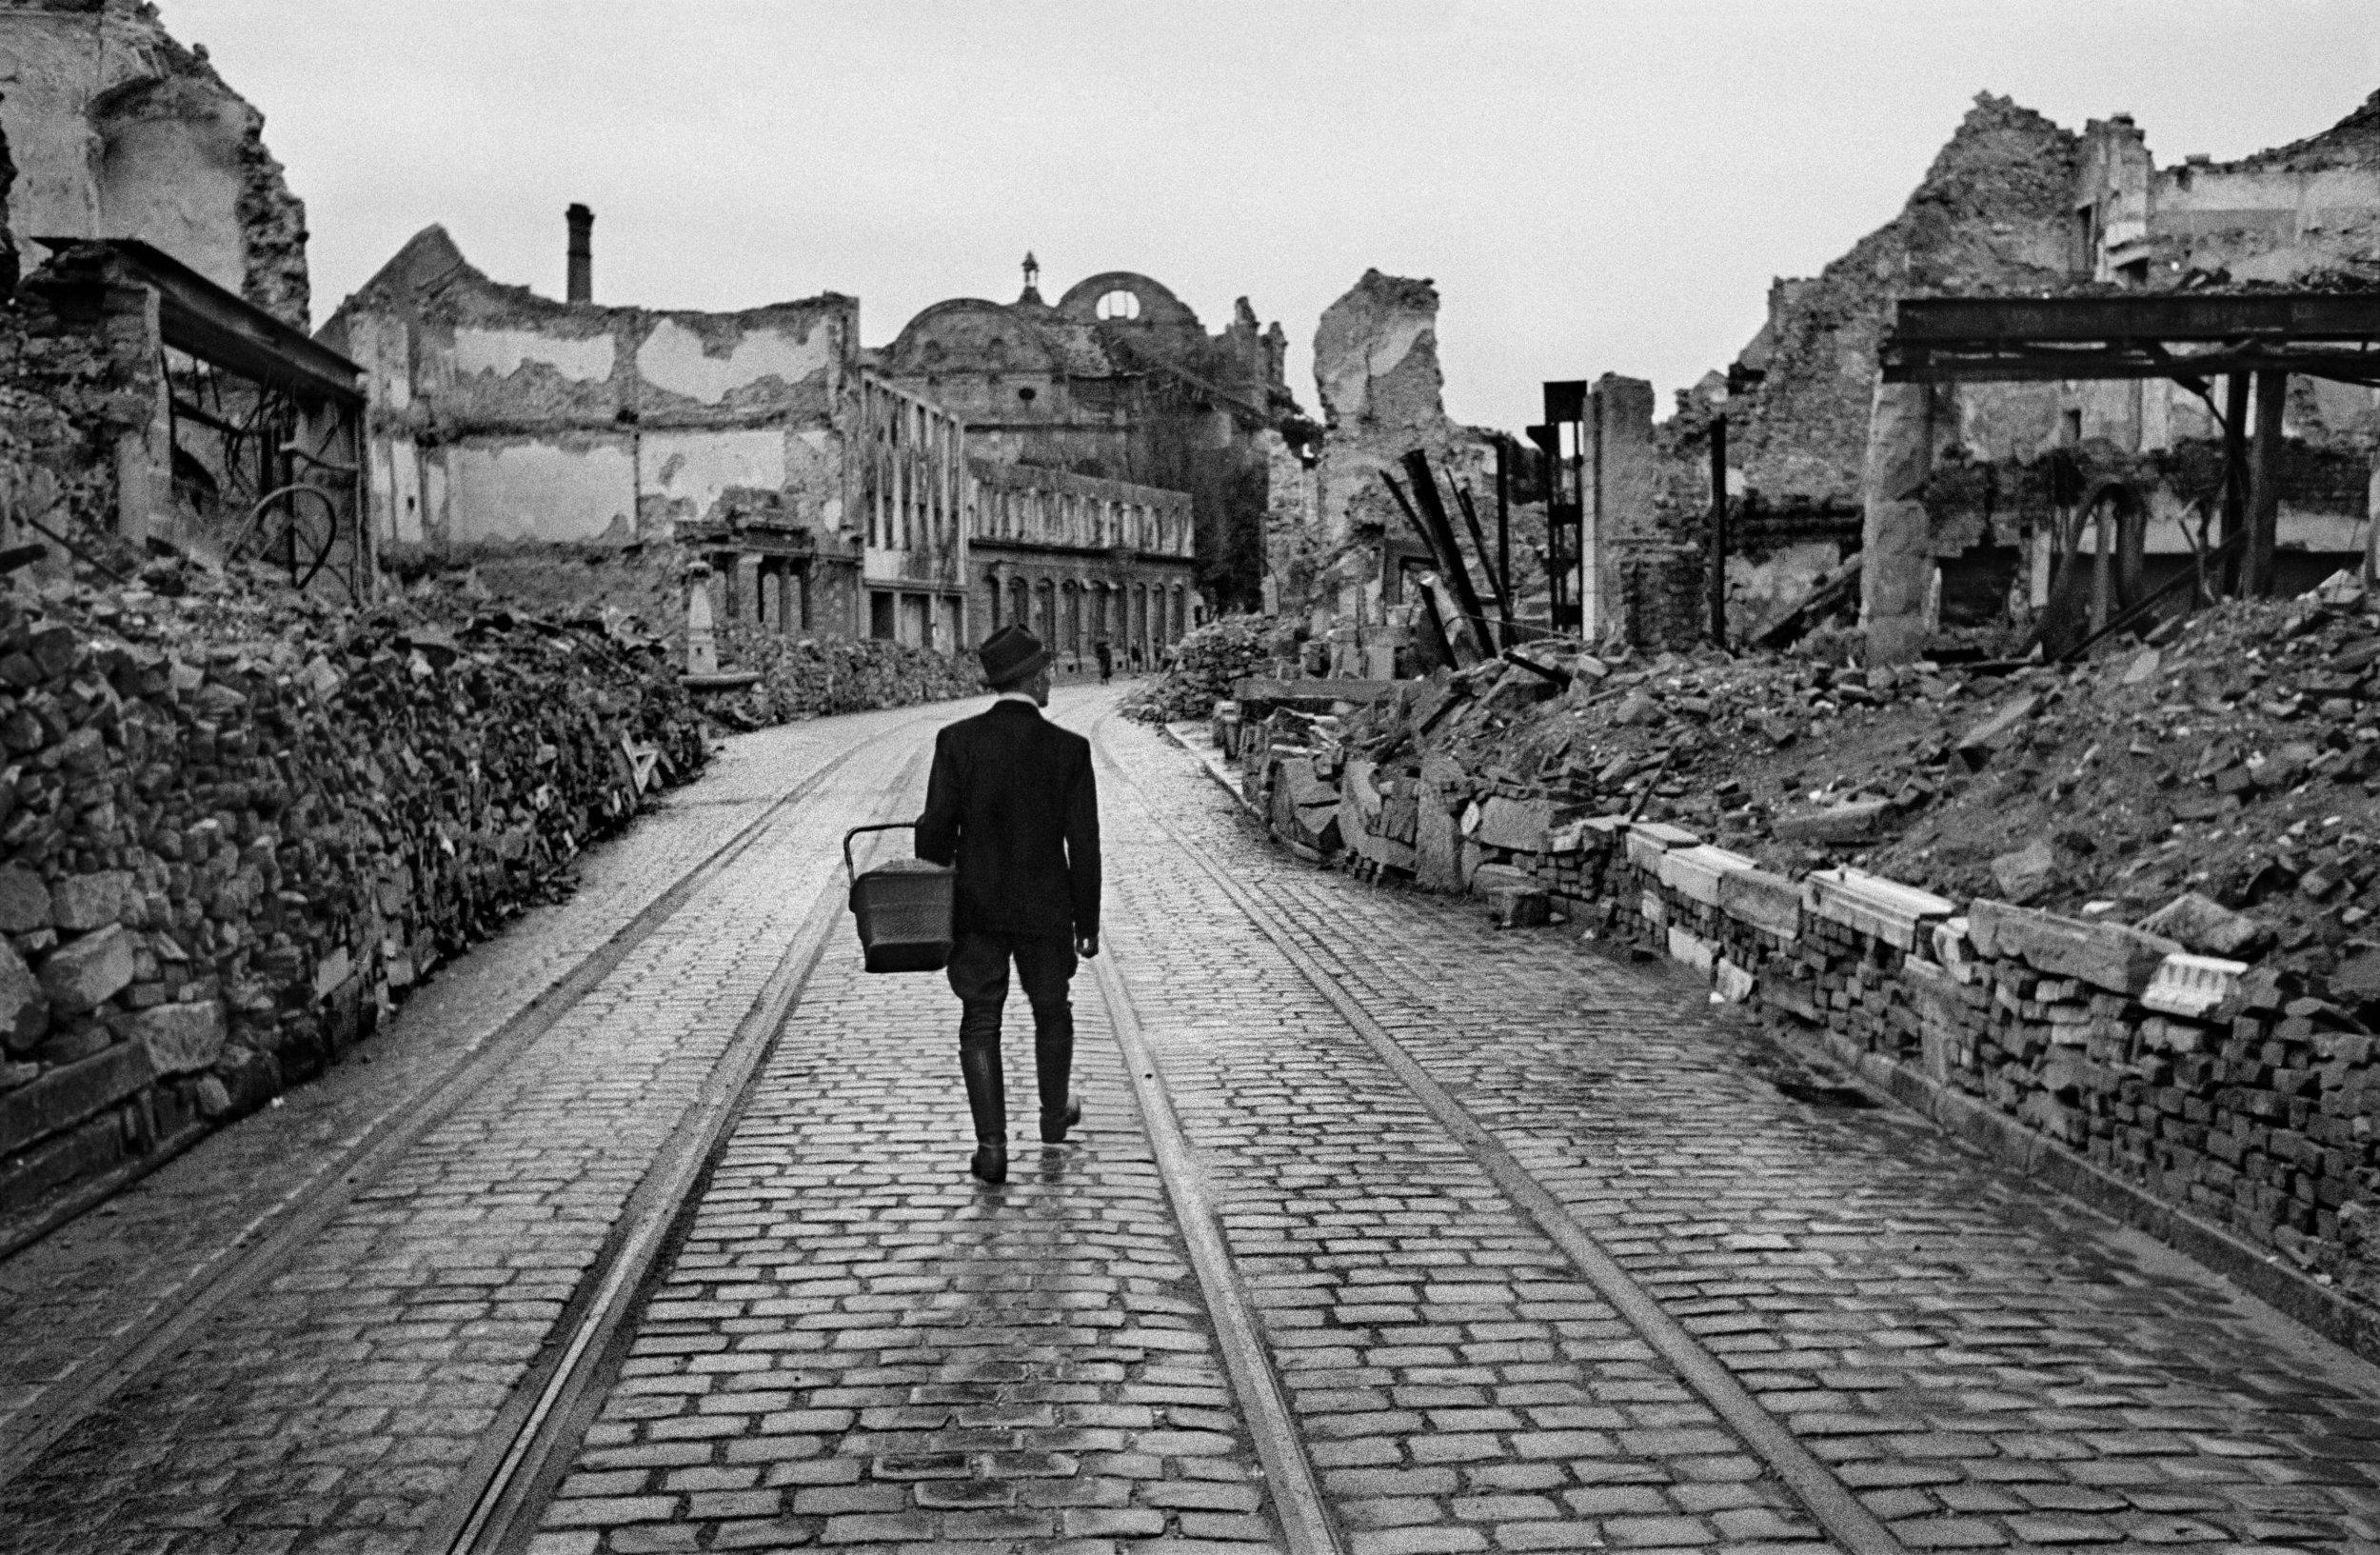 Germany. Freiburg im Breisgau, 1945 © Werner Bischof_ Magnum Photos 2019...